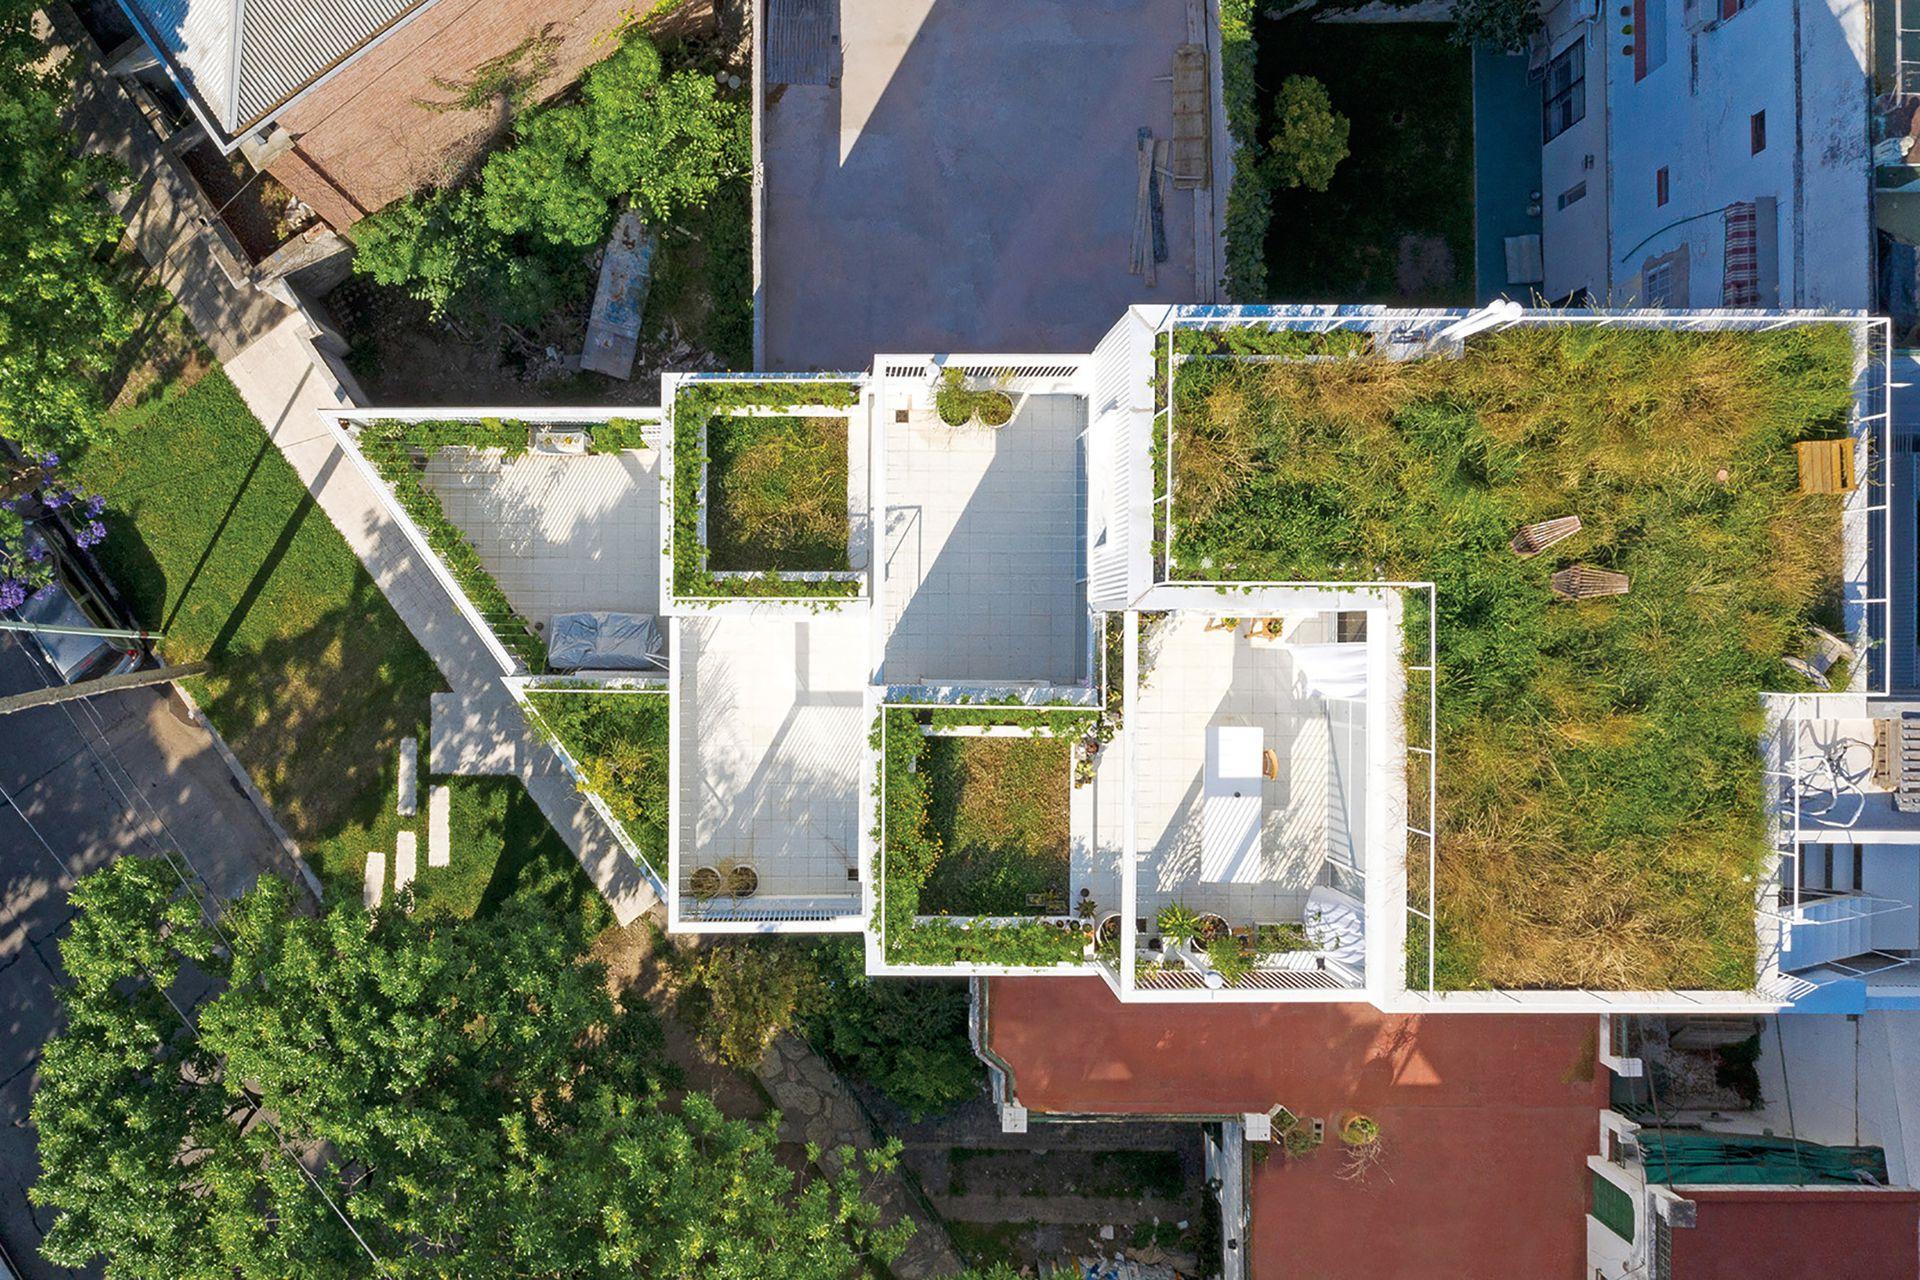 Desde arriba, se percibe un juego de jardines y terrazas que traen el verde a metros de la vida cotidiana.